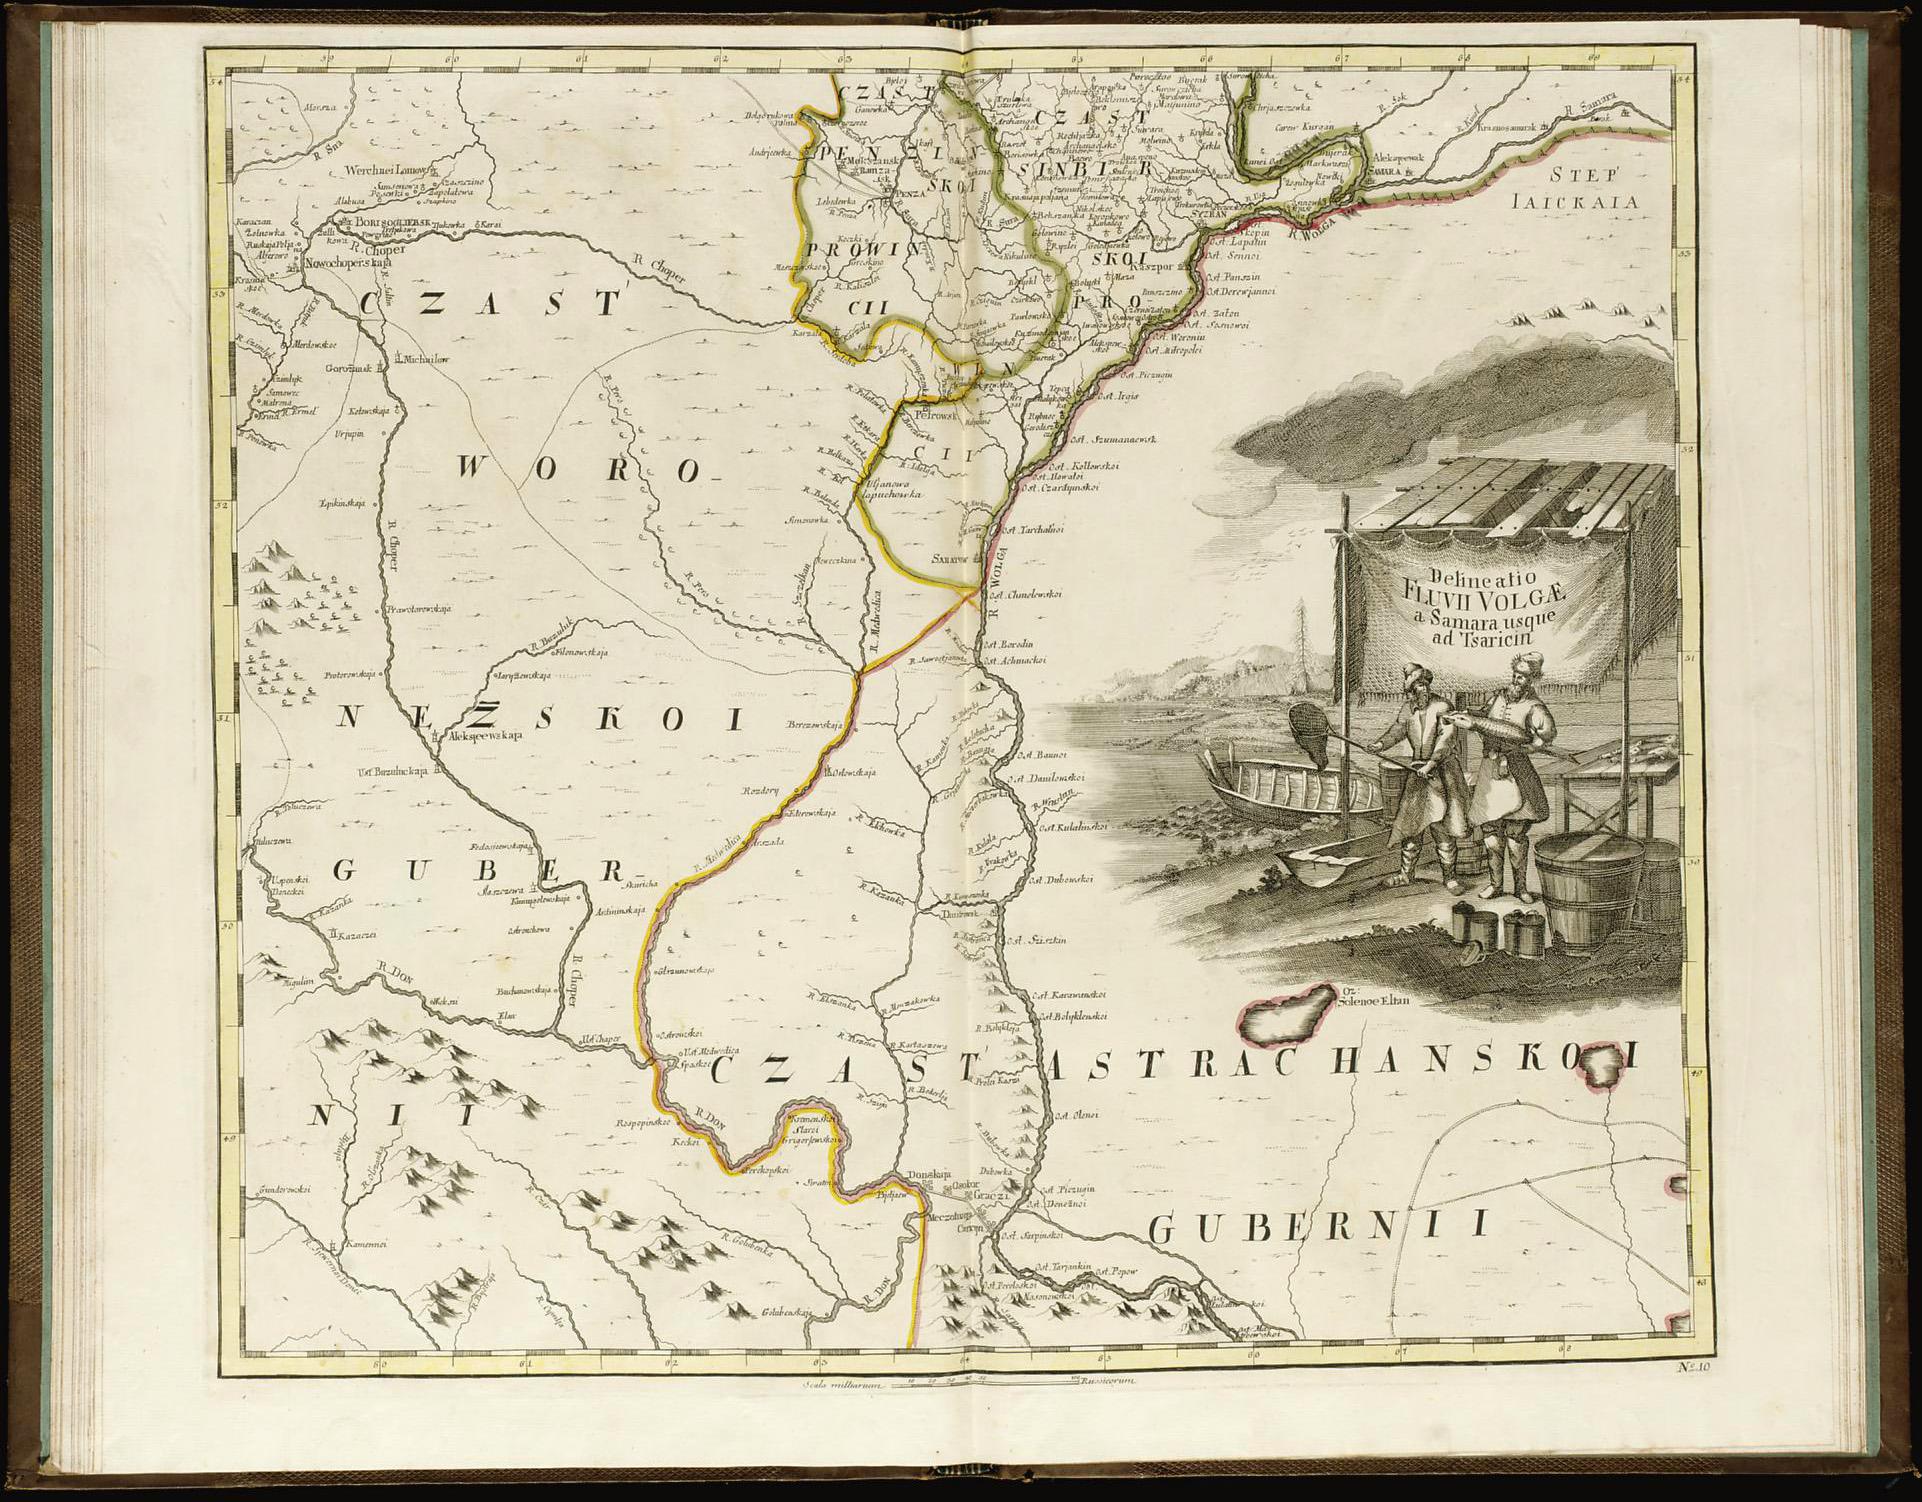 Страница атласа Российской империи, 1745